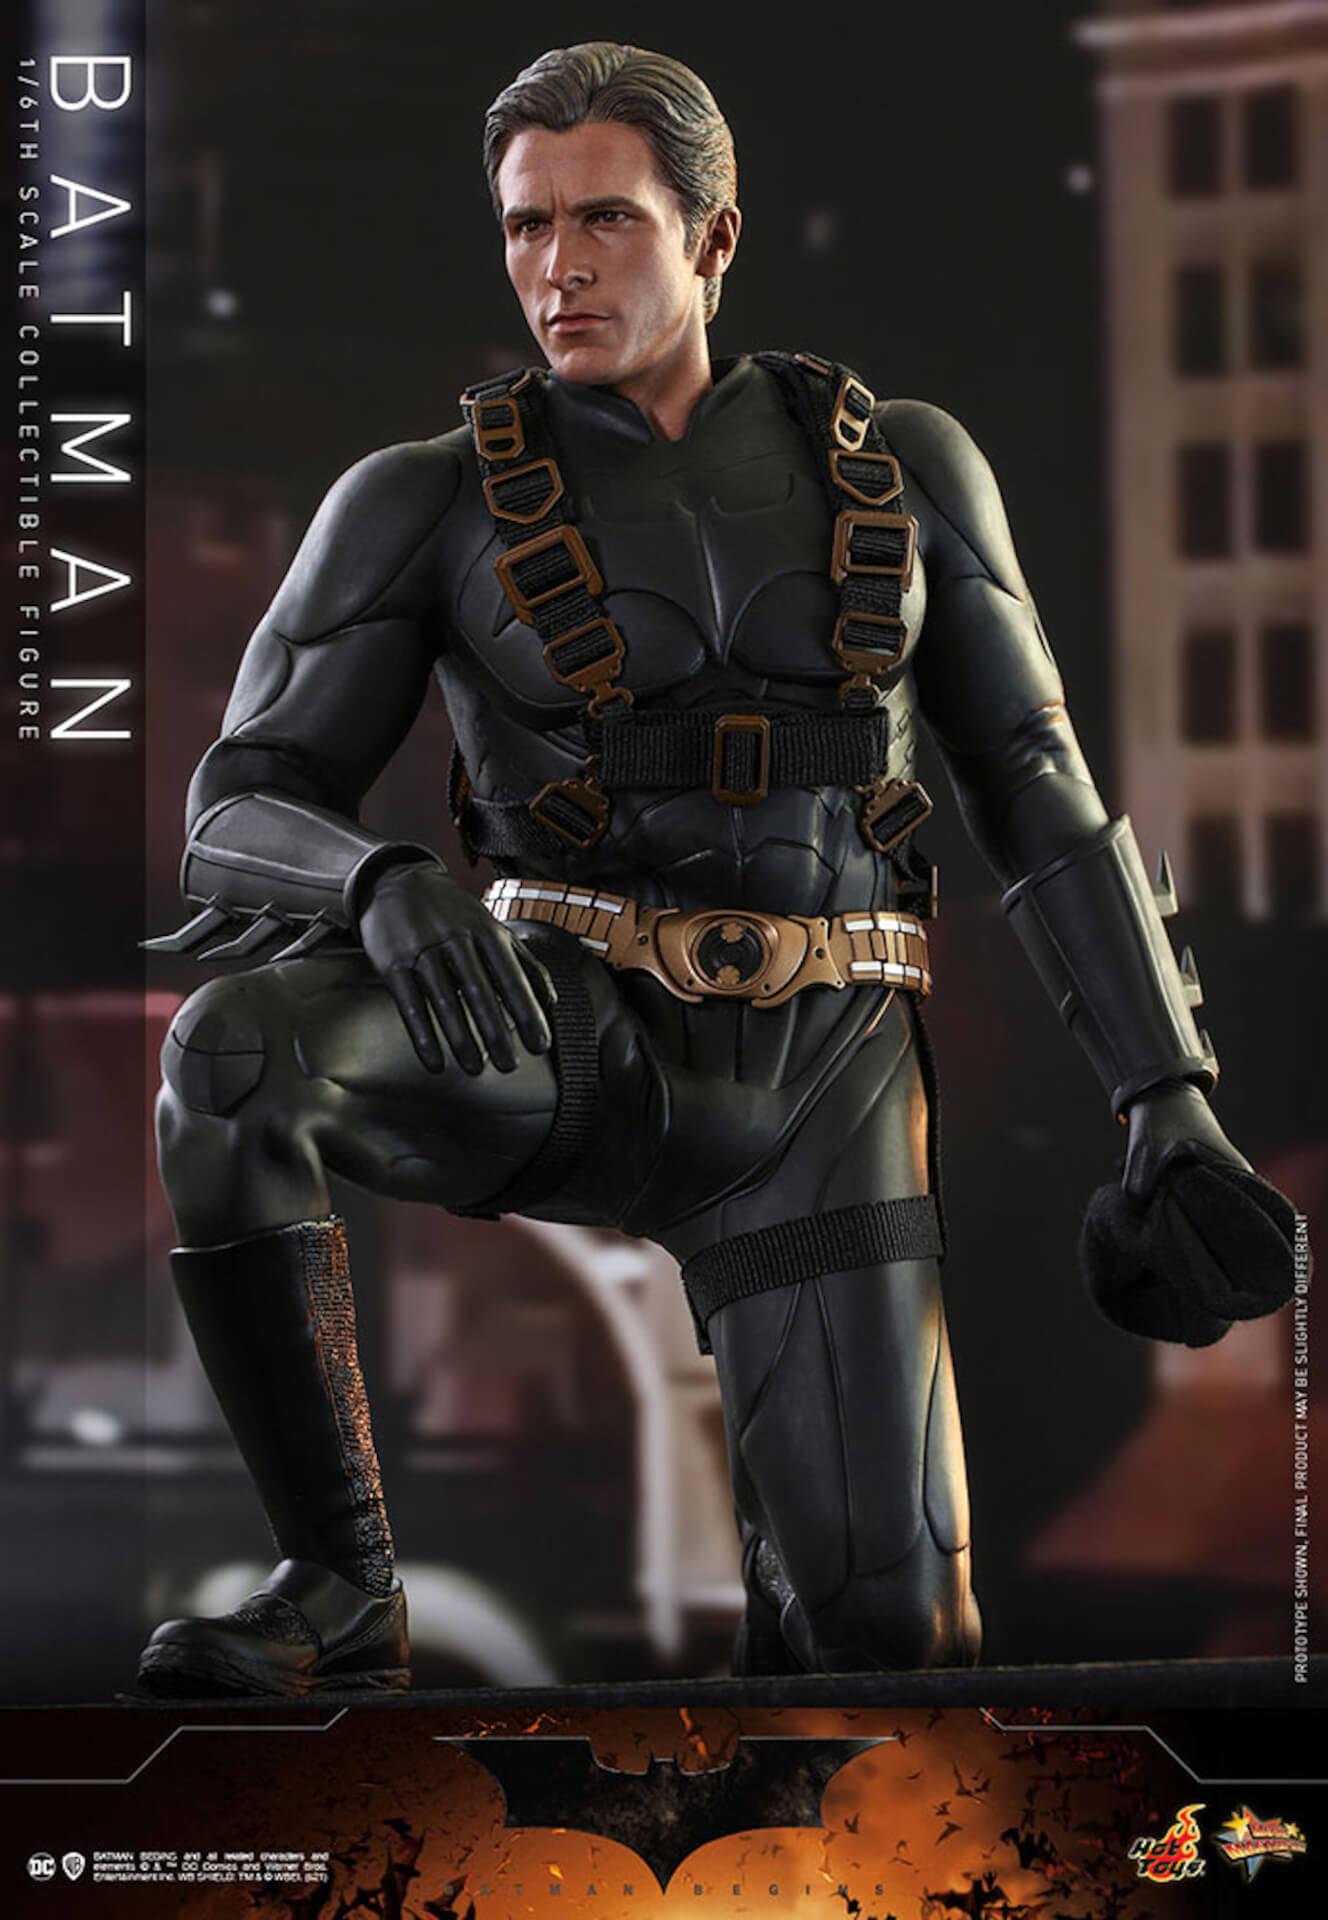 『バットマン ビギンズ』のバットマン&バットモービルが超精巧なフィギュアに!ホットトイズから発売決定 art210401_hottoys_batmanbegins_9